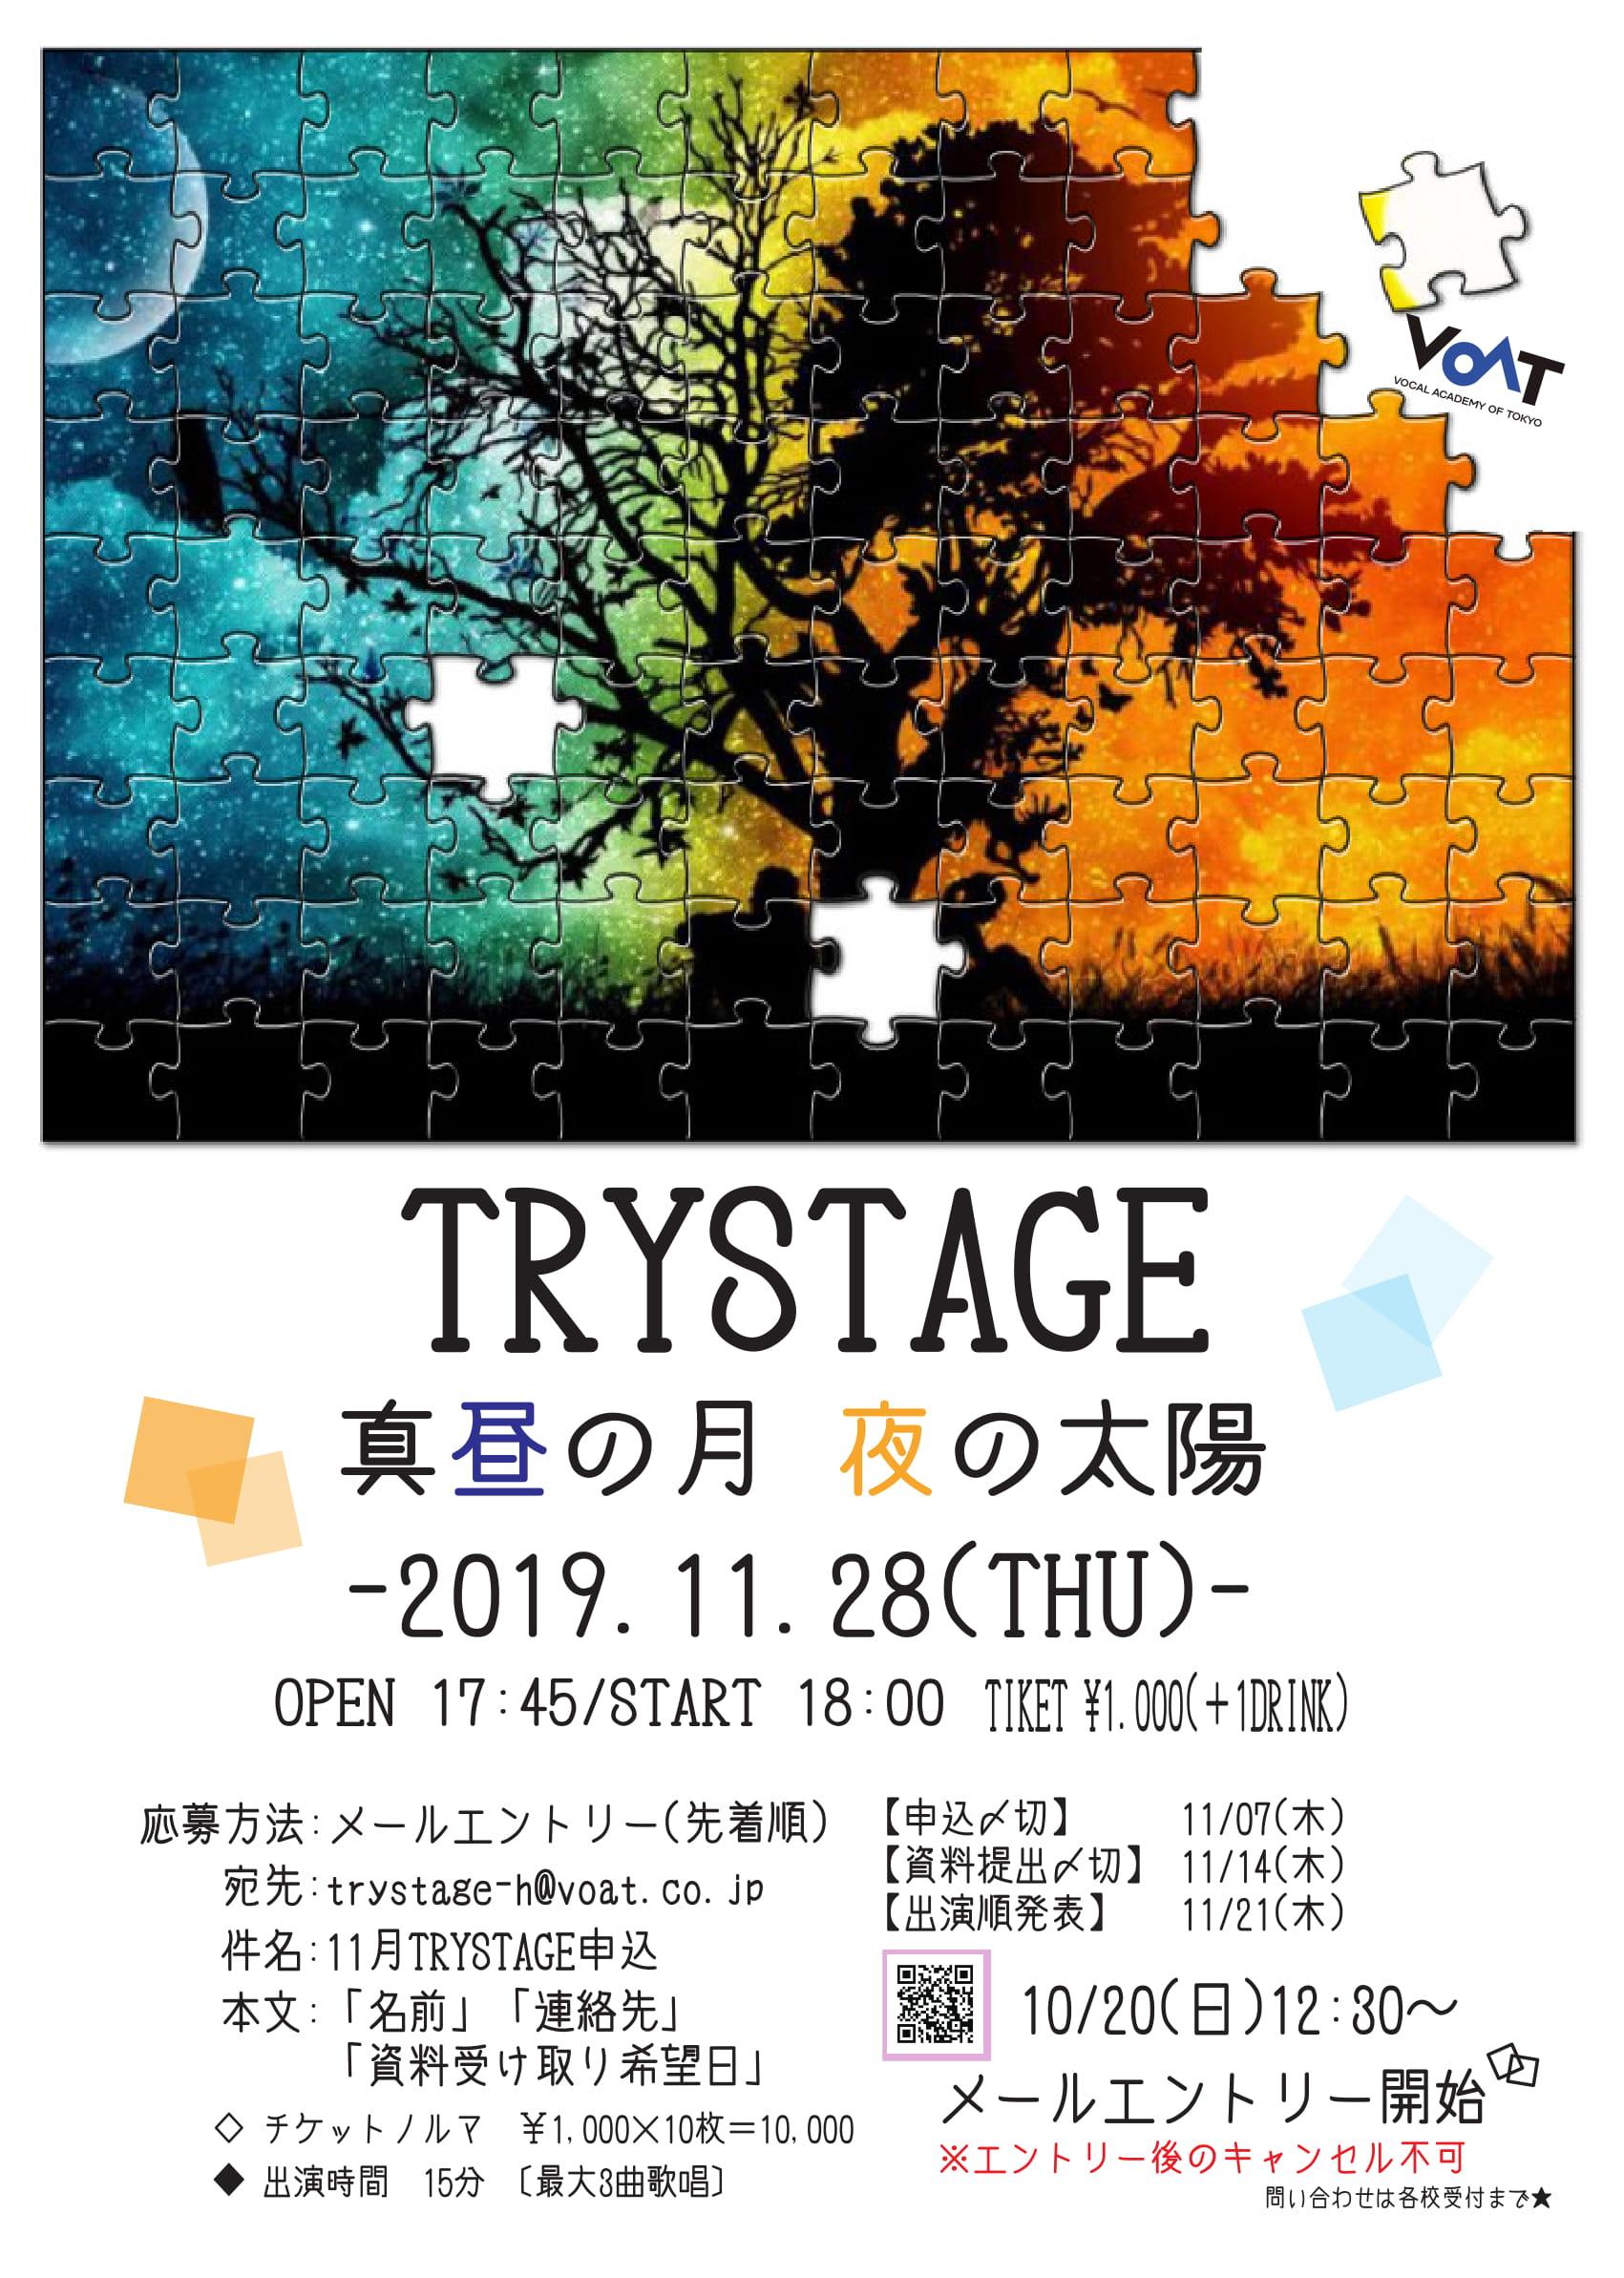 【東京】11/28(木)TRY STAGEを開催します